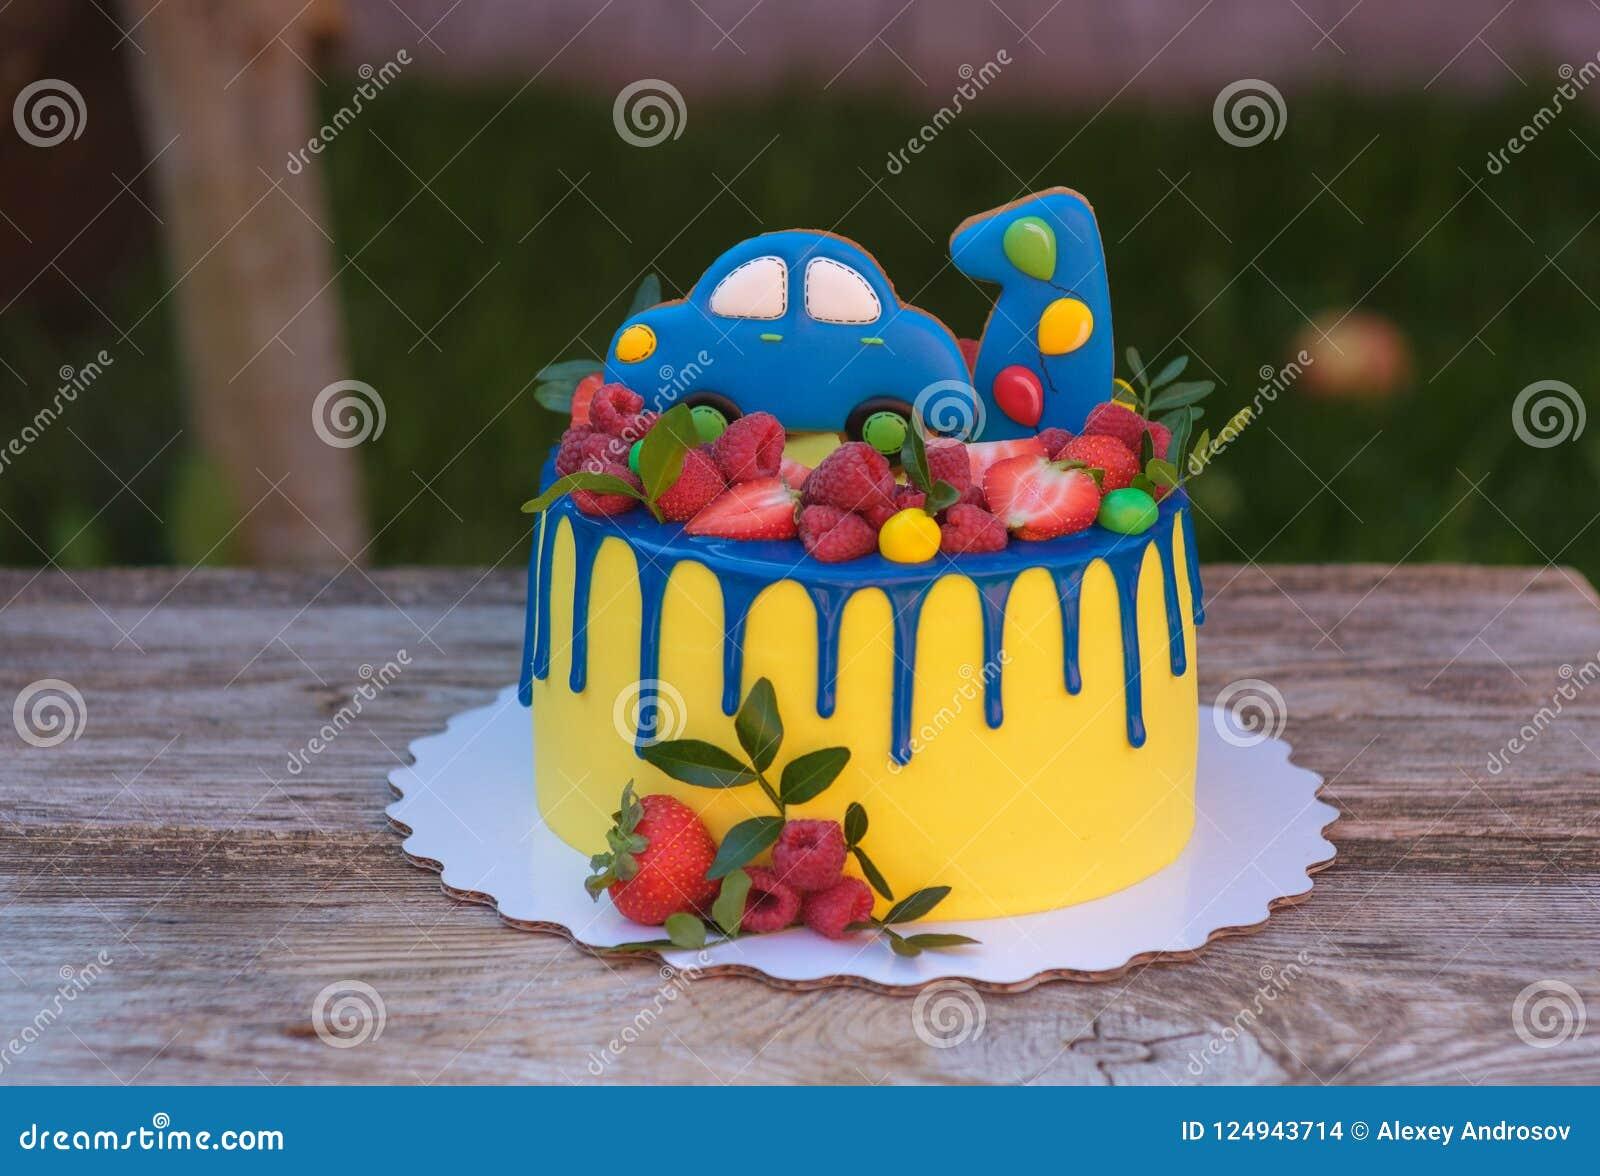 Torta de cumpleaños hermosa para un niño con un número uno y un coche